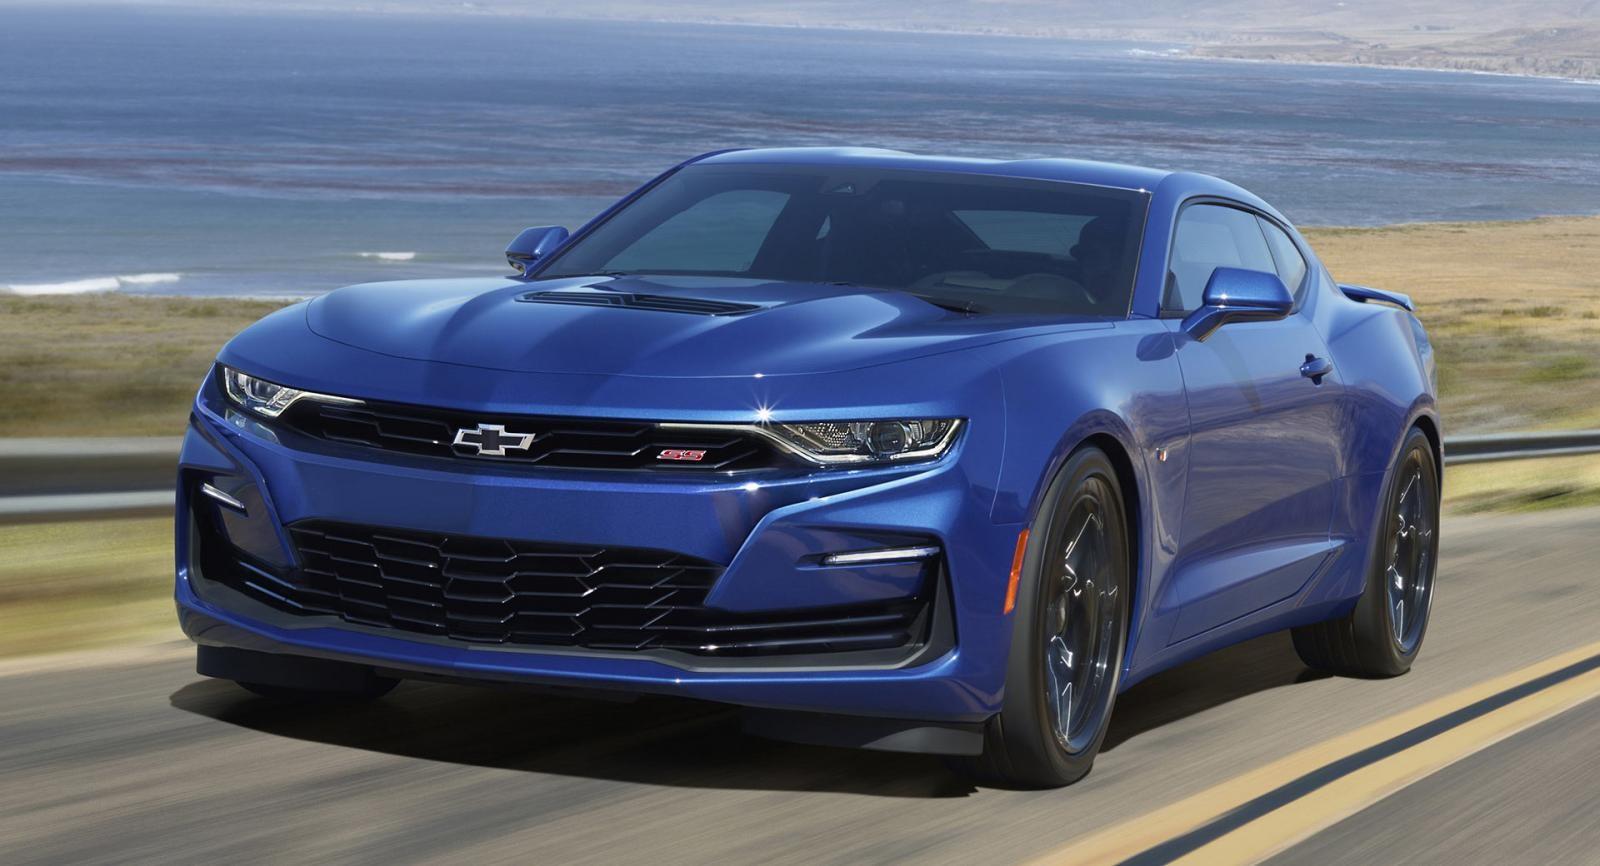 Chi tiết về mẫu xe cơ bắp Chevrolet Camaro 2021